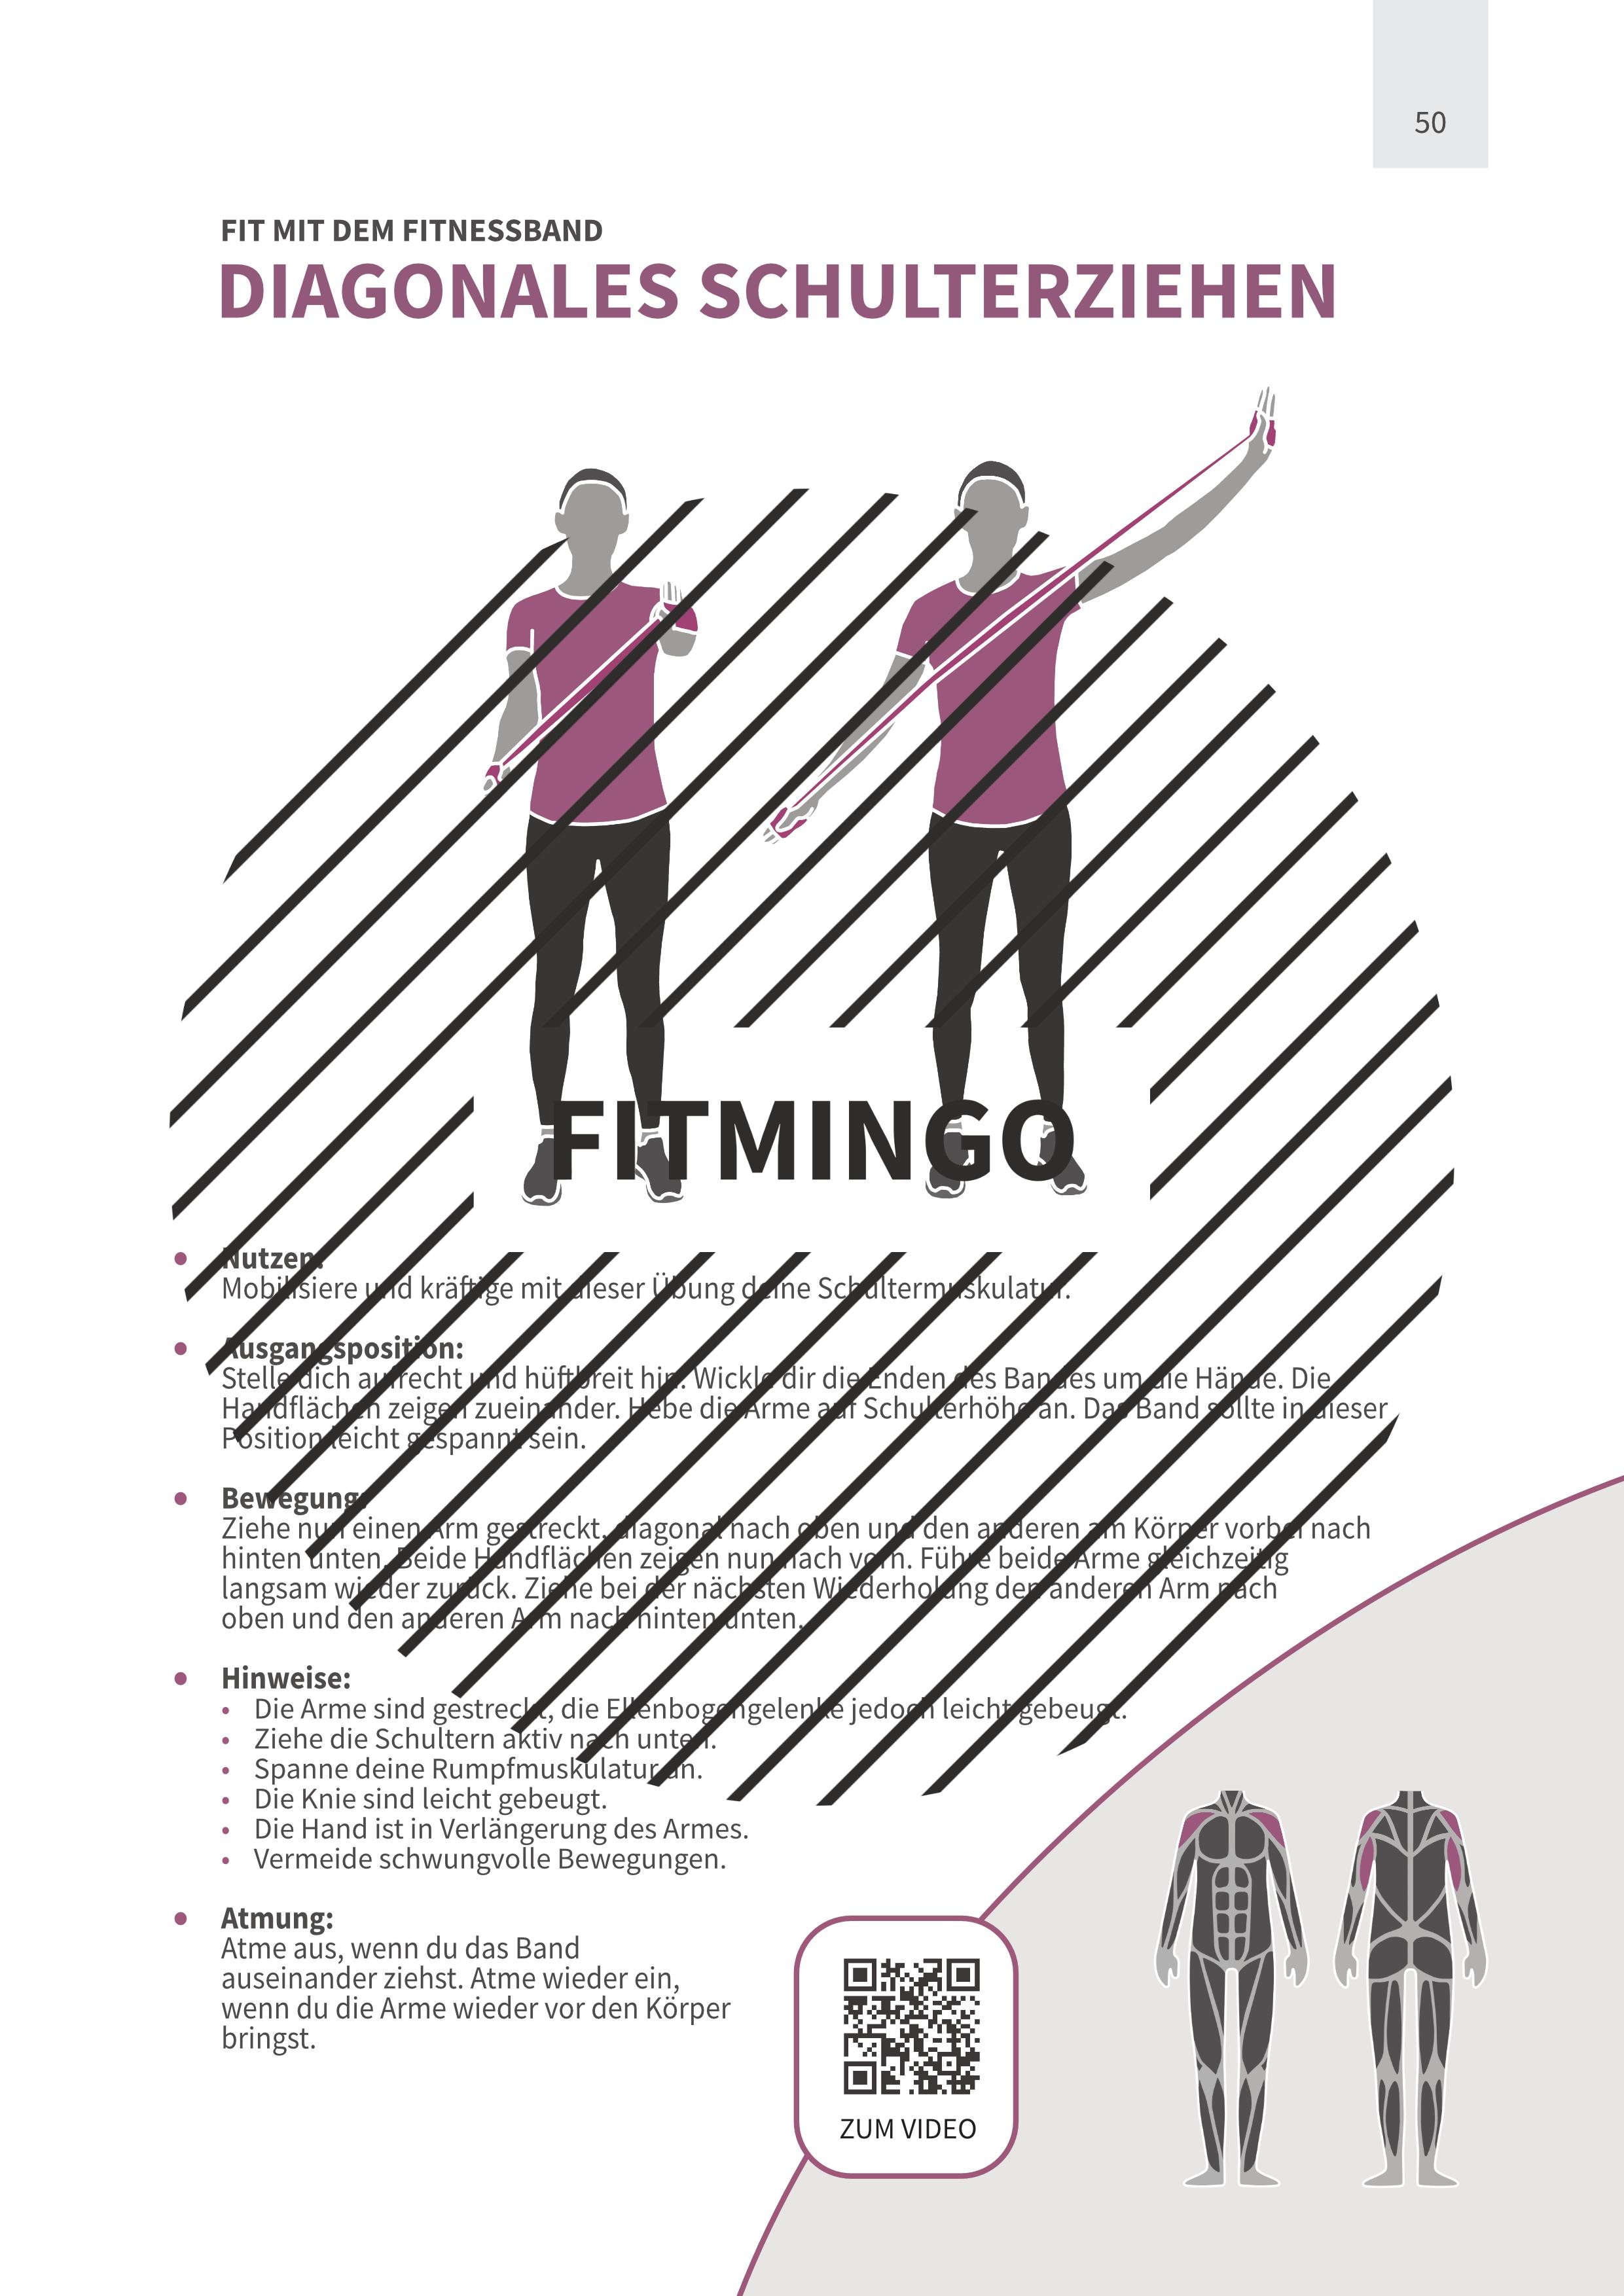 Diagonales Schulterziehen mit Fitnessband